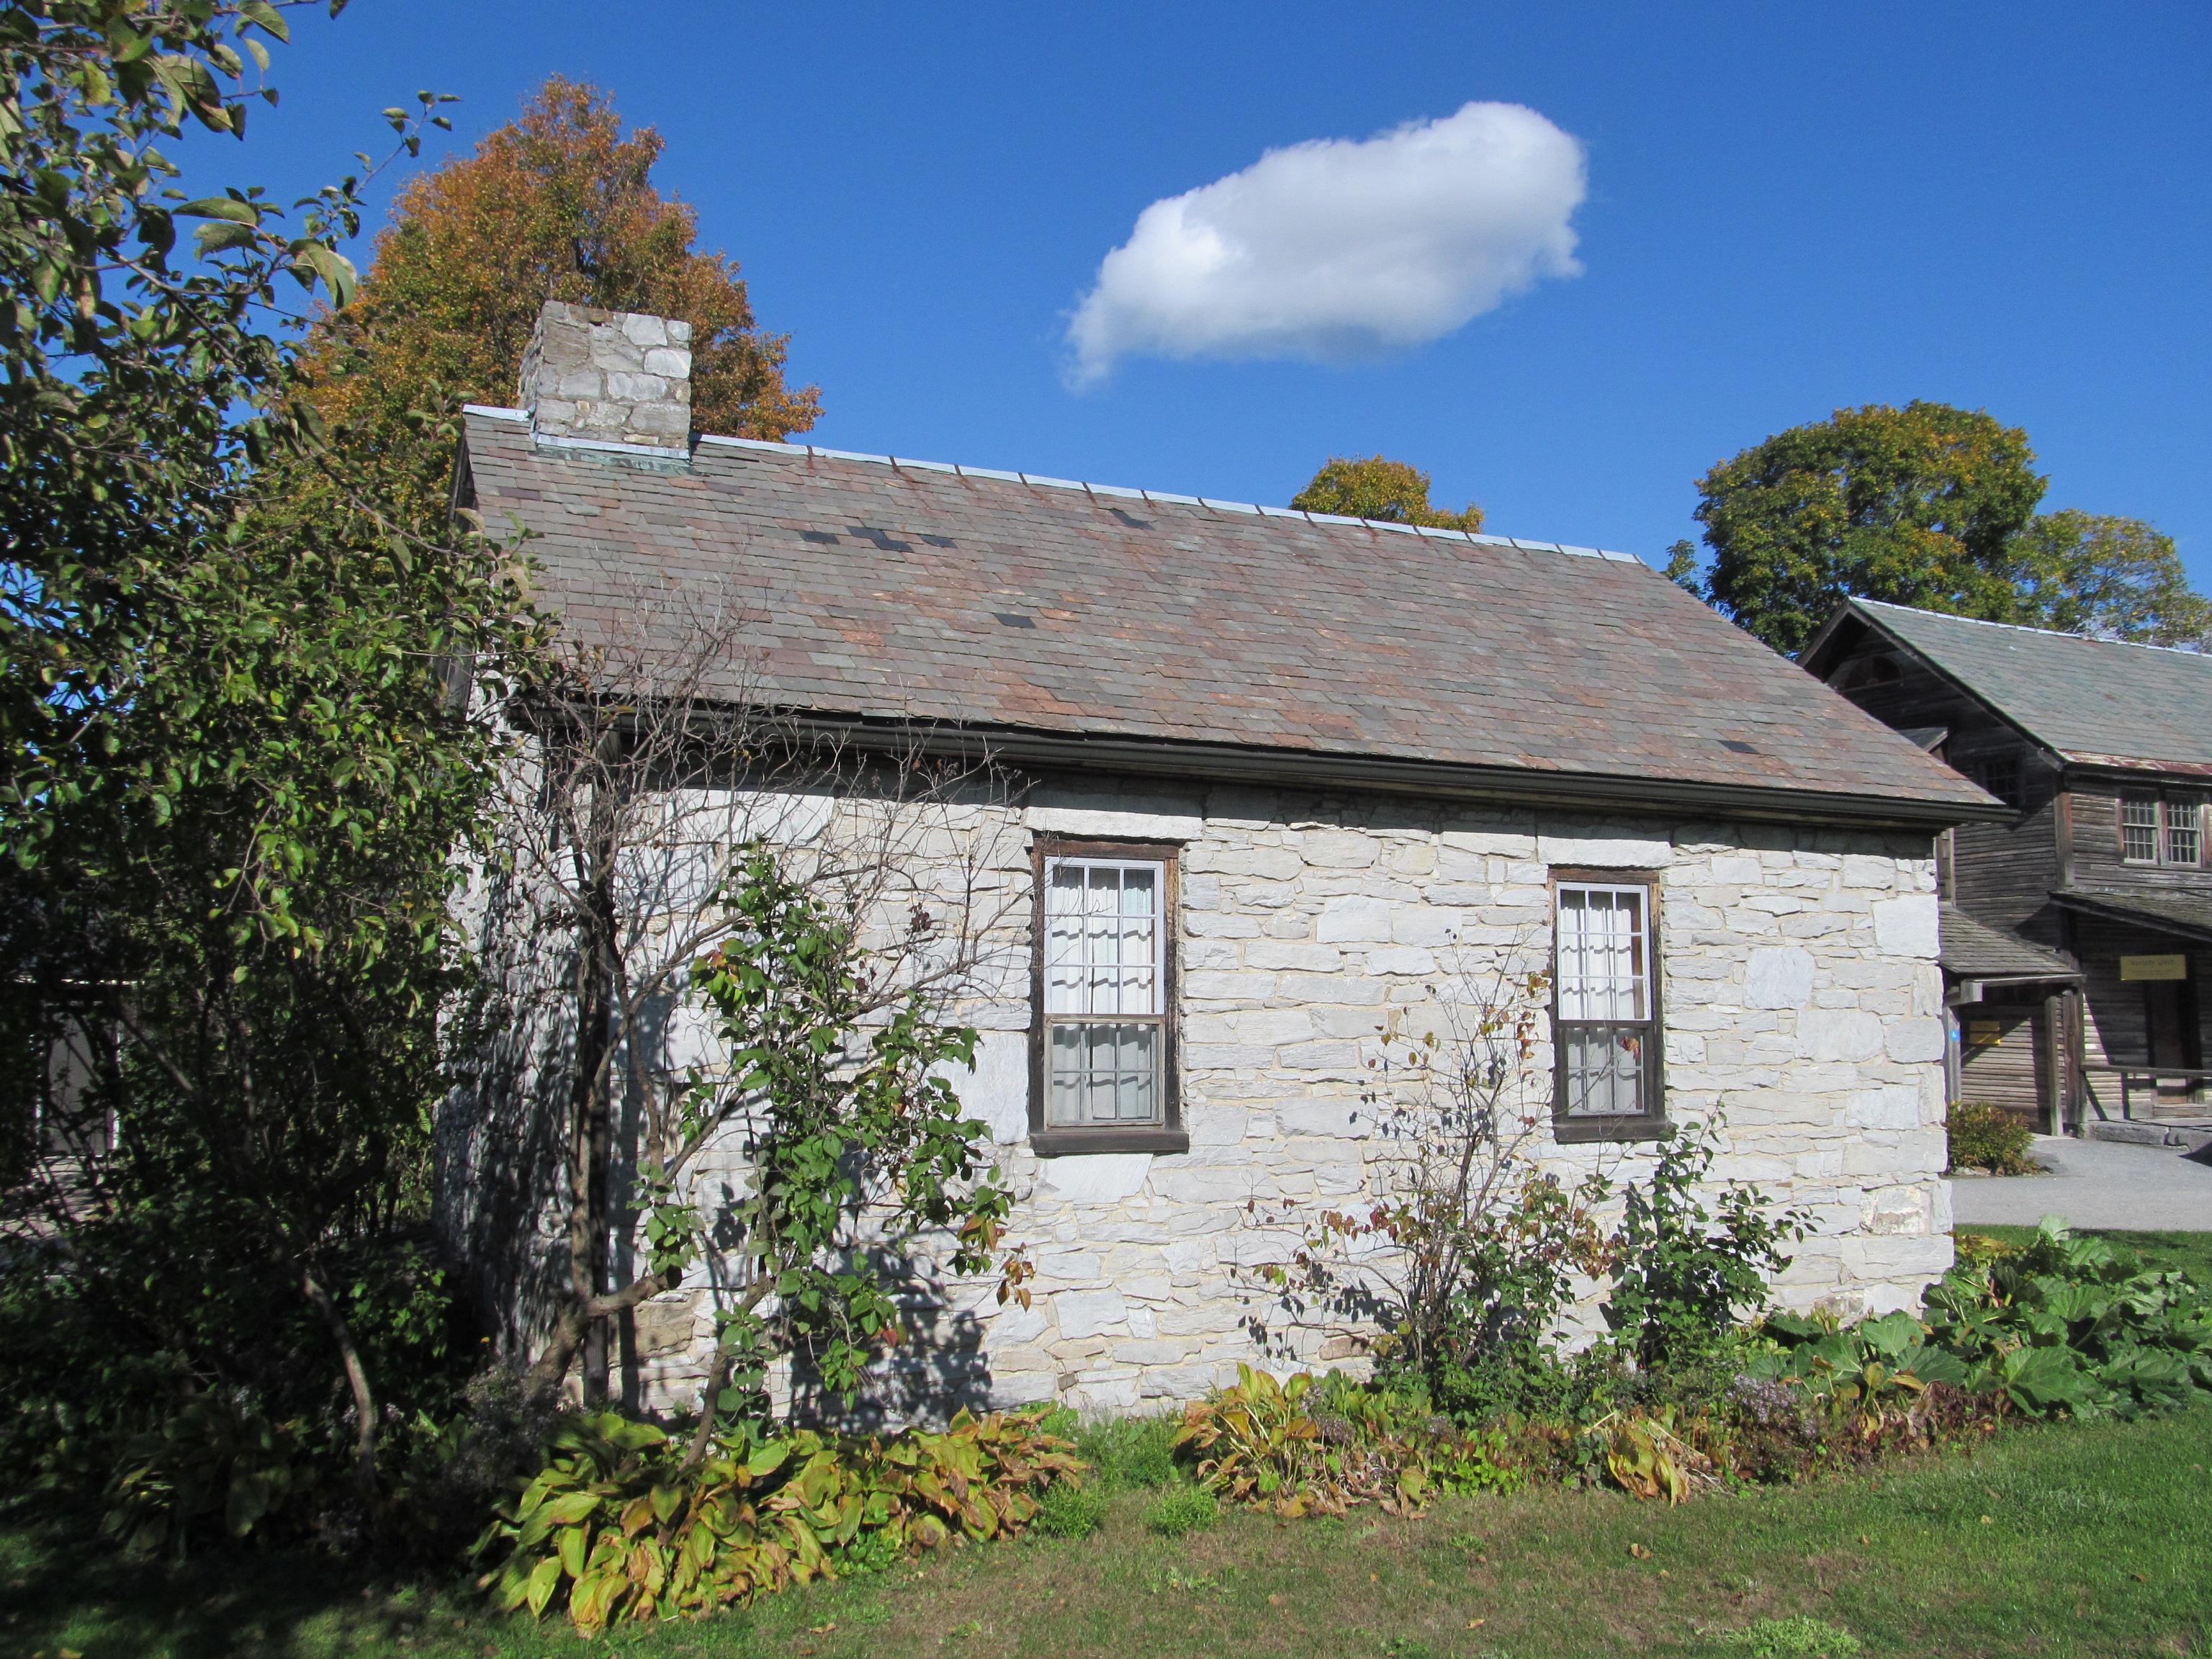 File:Stone Cottage, Shelburne Museum, Shelburne VT.jpg